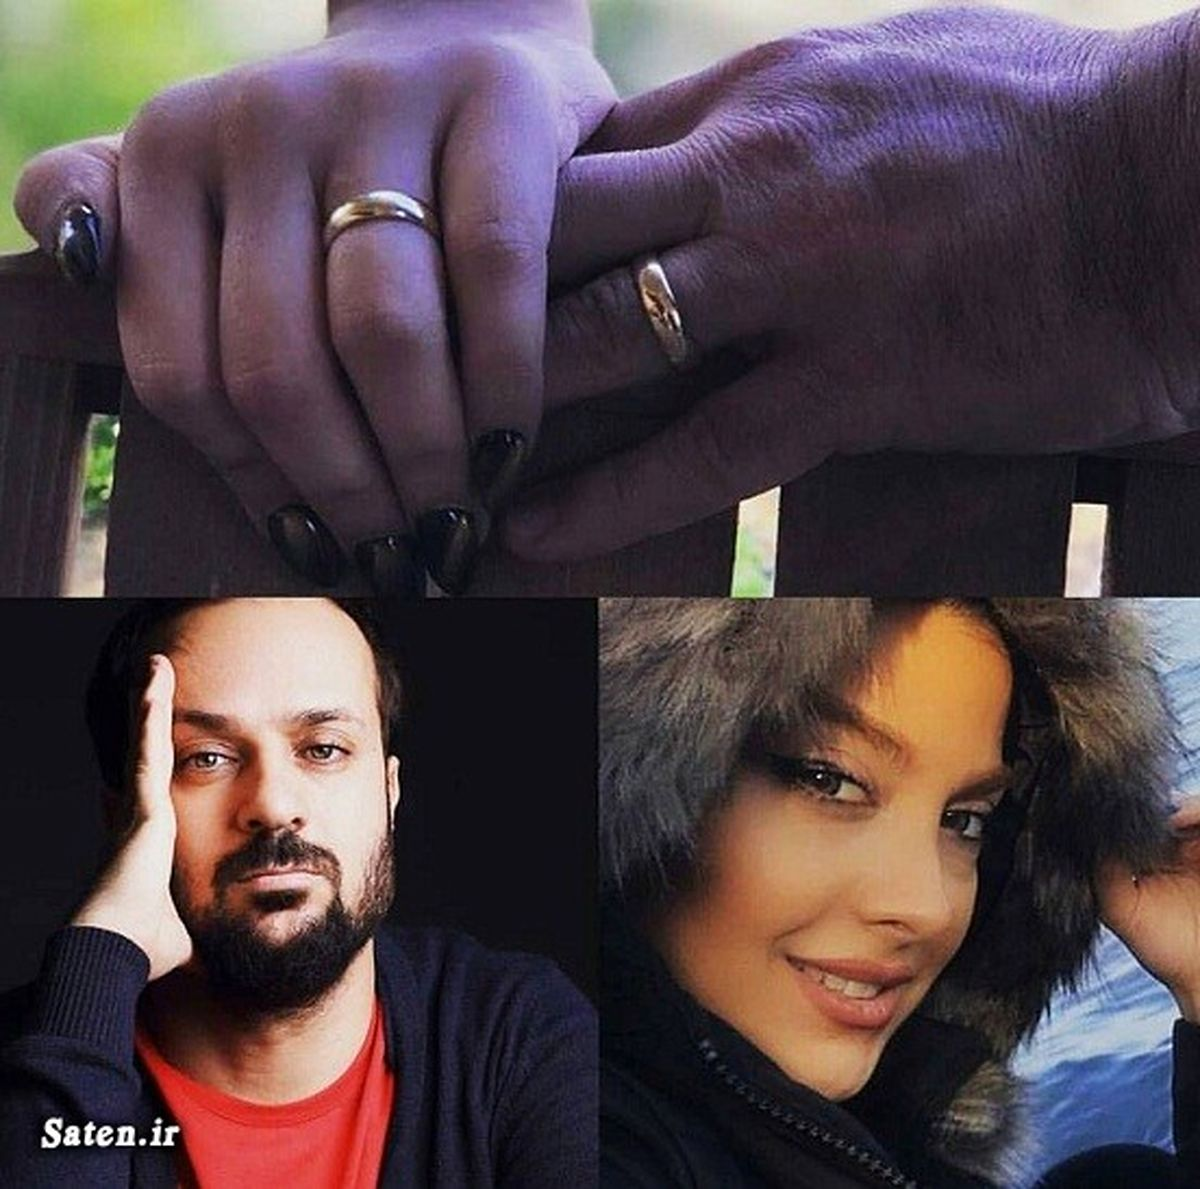 عکس جنجالی از مراسم ازدواج احمد مهران فر و همسرش + تصاویر و بیوگرافی